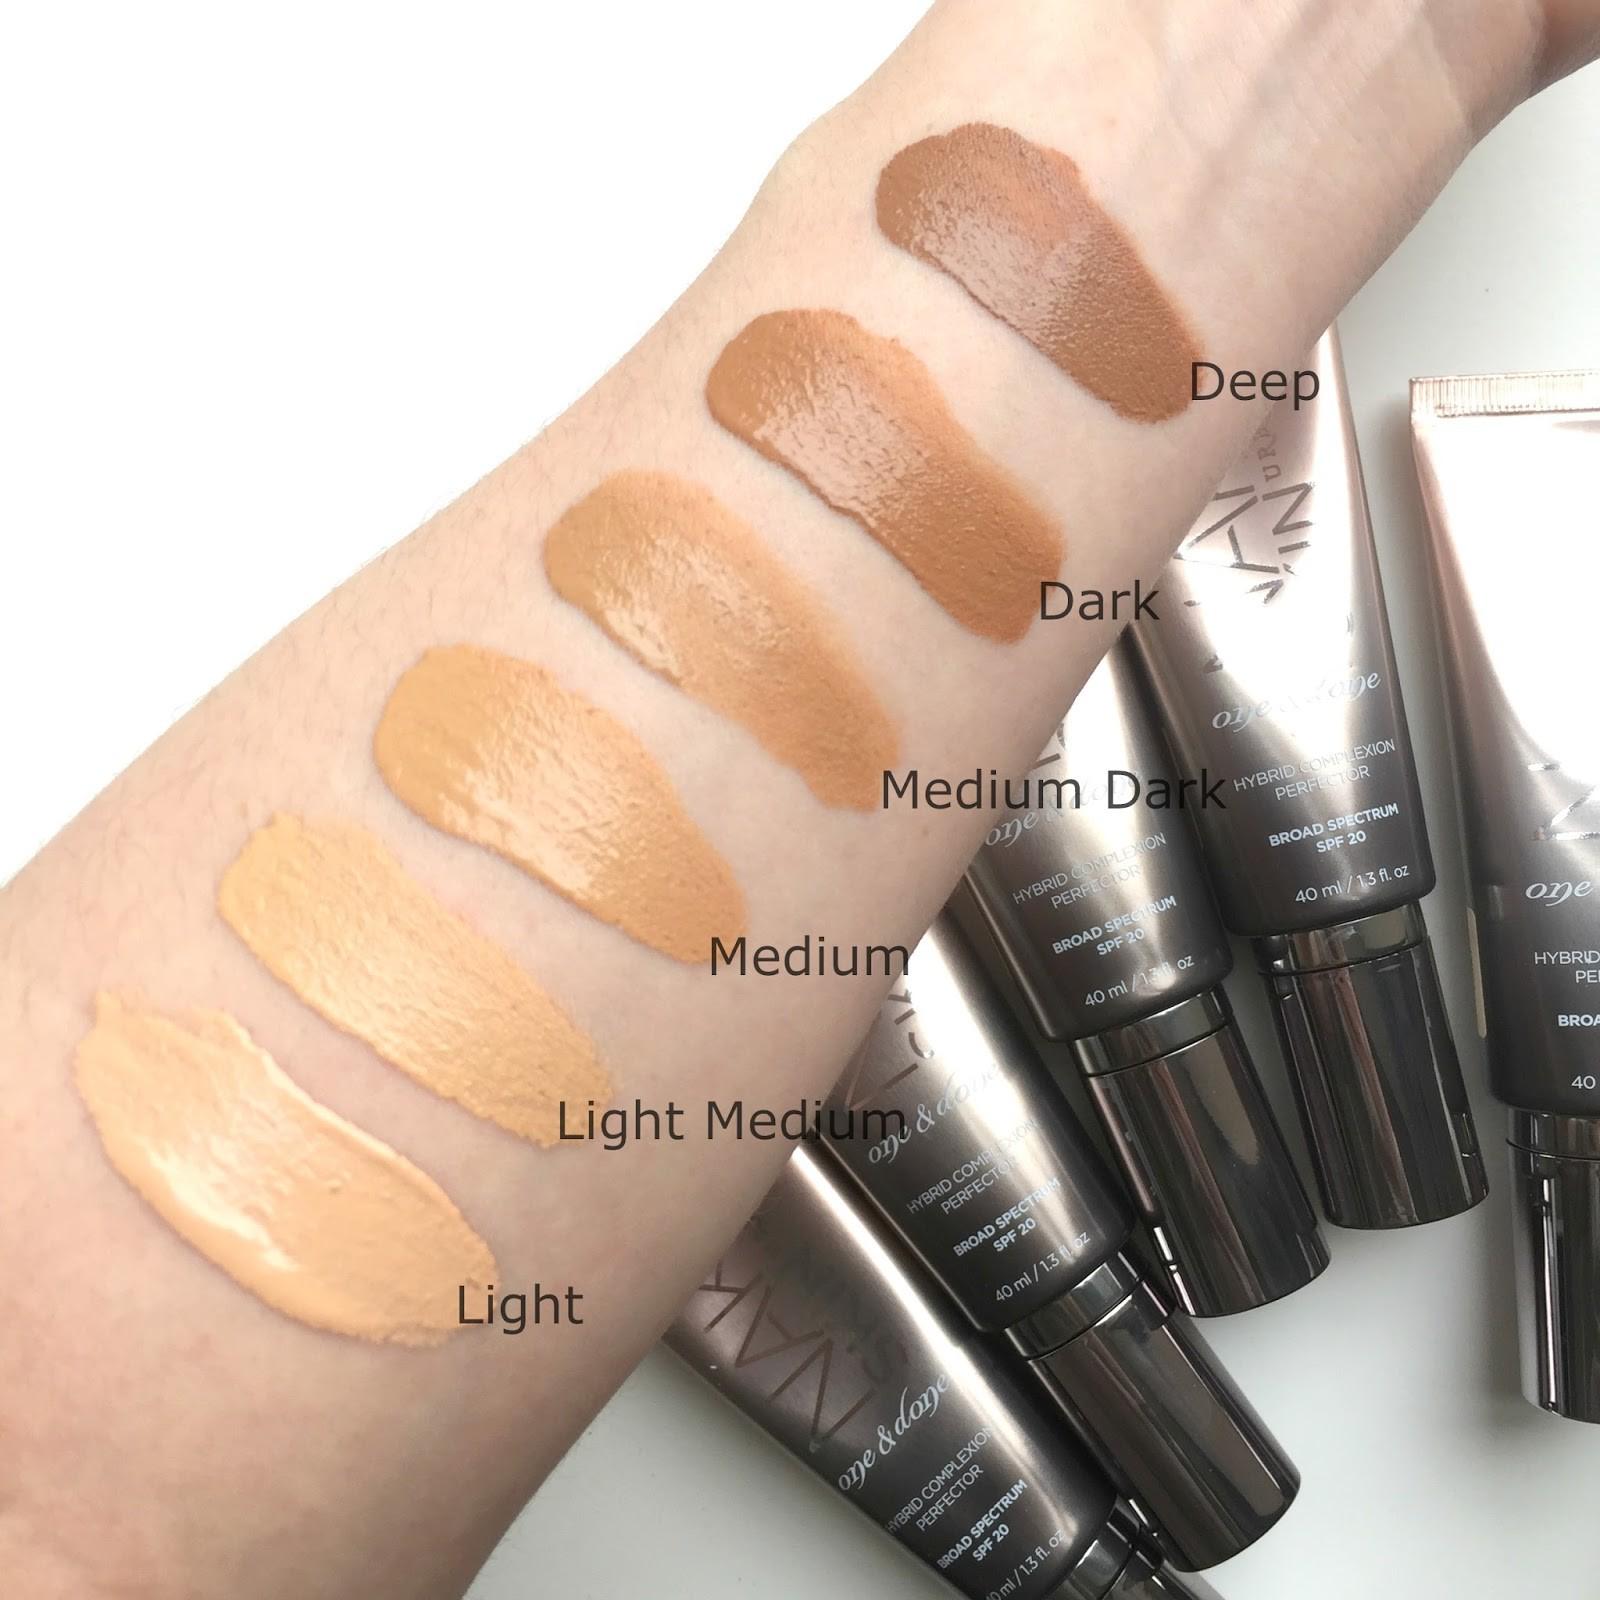 12 kem nền vừa mang đến hiệu ứng da đẹp không tì vết lại vừa kiêm luôn cả công dụng dưỡng da - Ảnh 2.